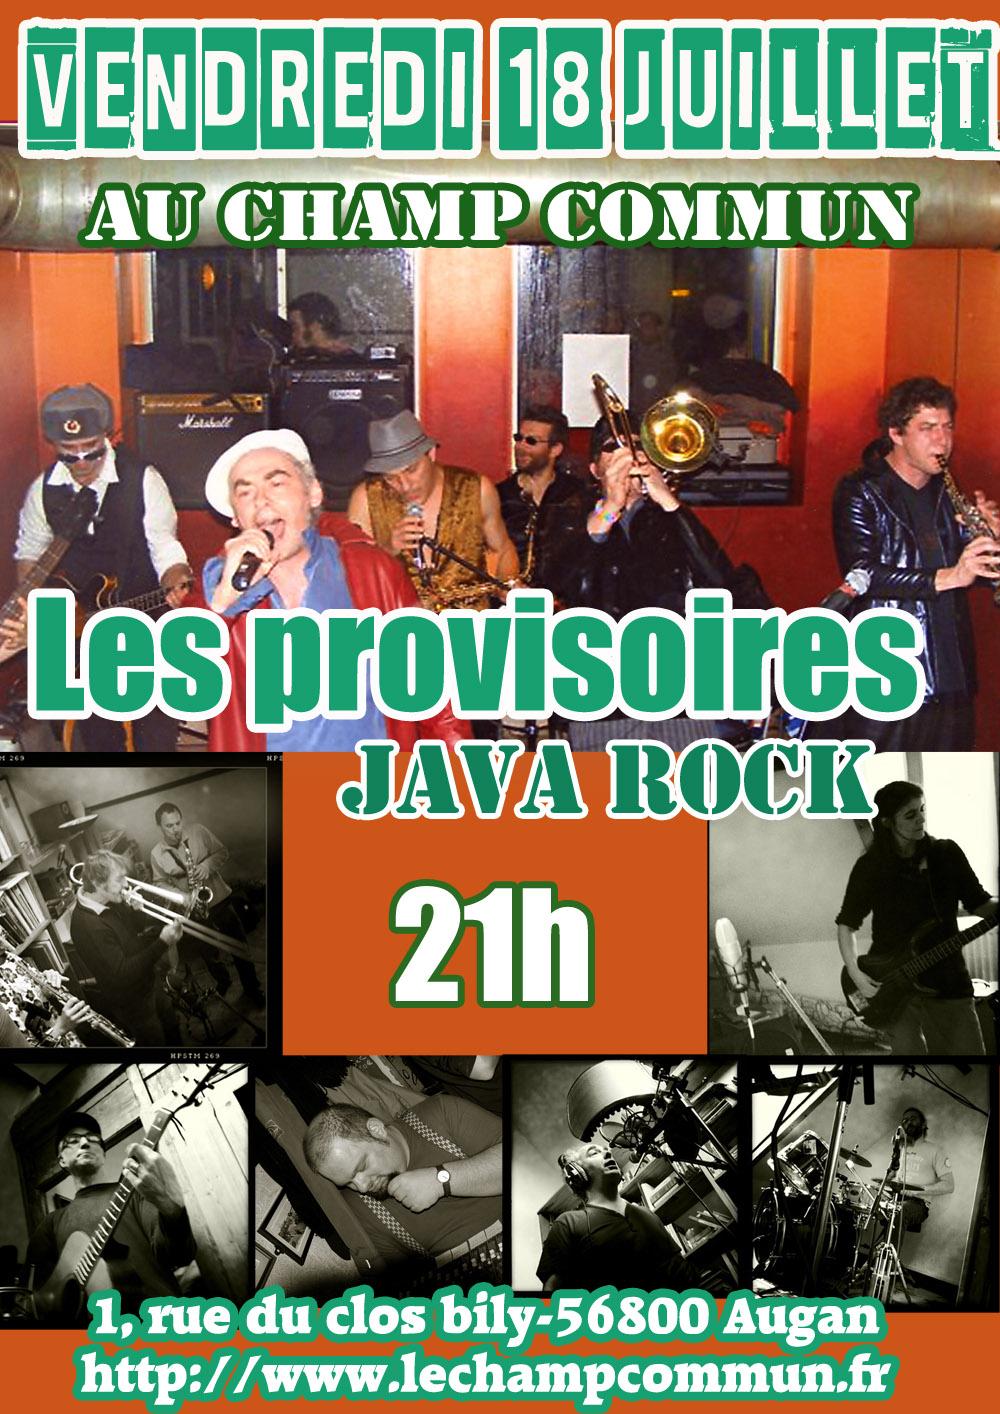 Vendredi 18 juillet à 21h au Champ Commun- Java rock avec les provisoires